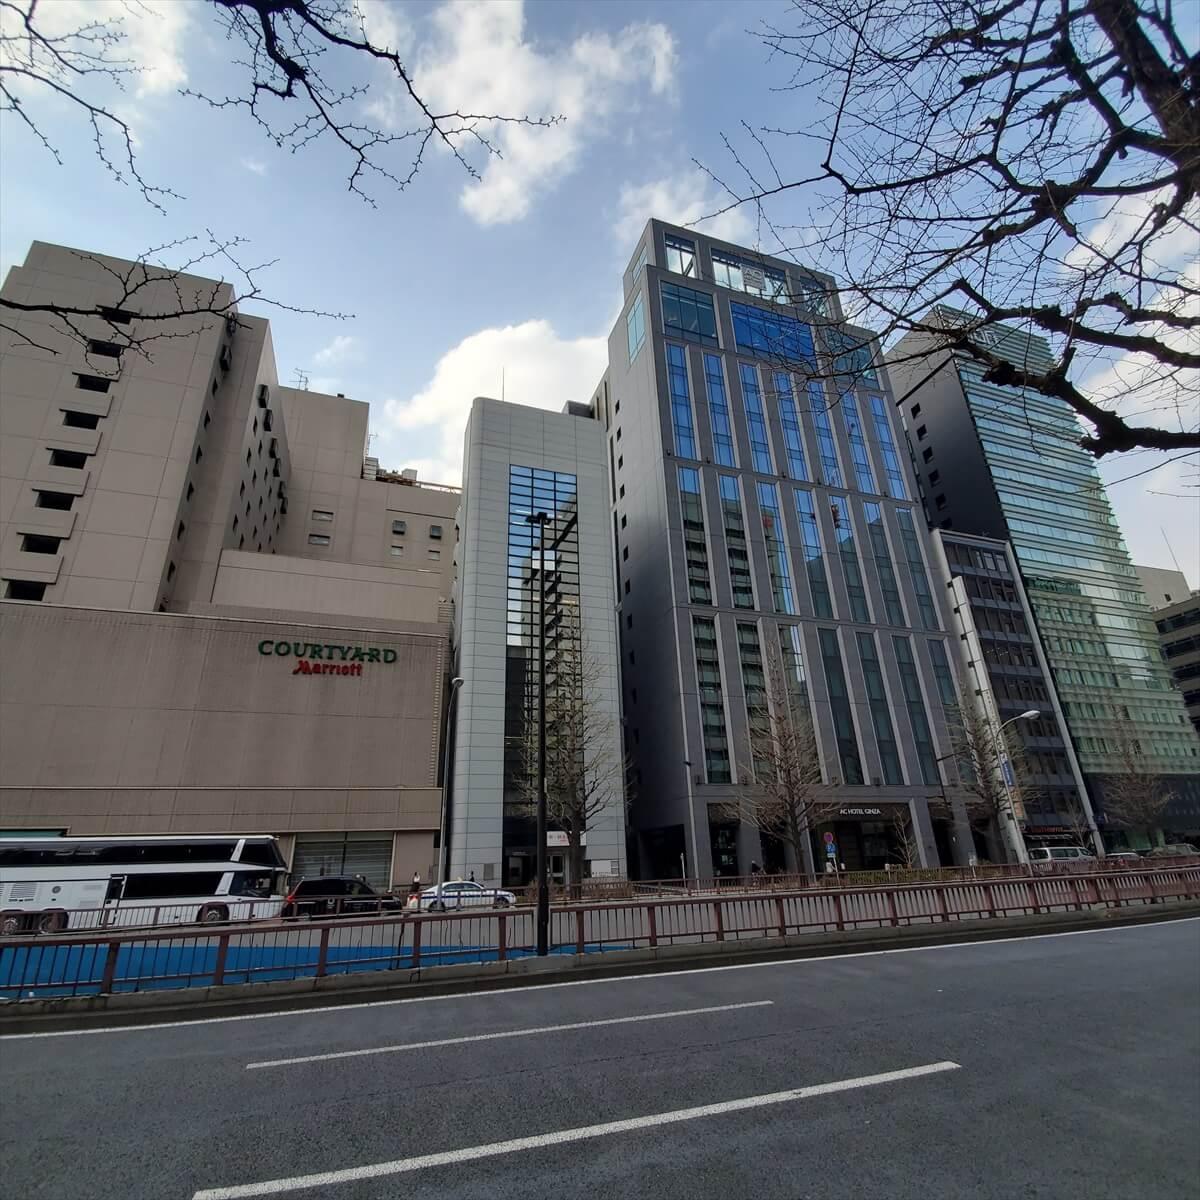 ACホテル銀座とアロフト銀座とコートヤード銀座東武